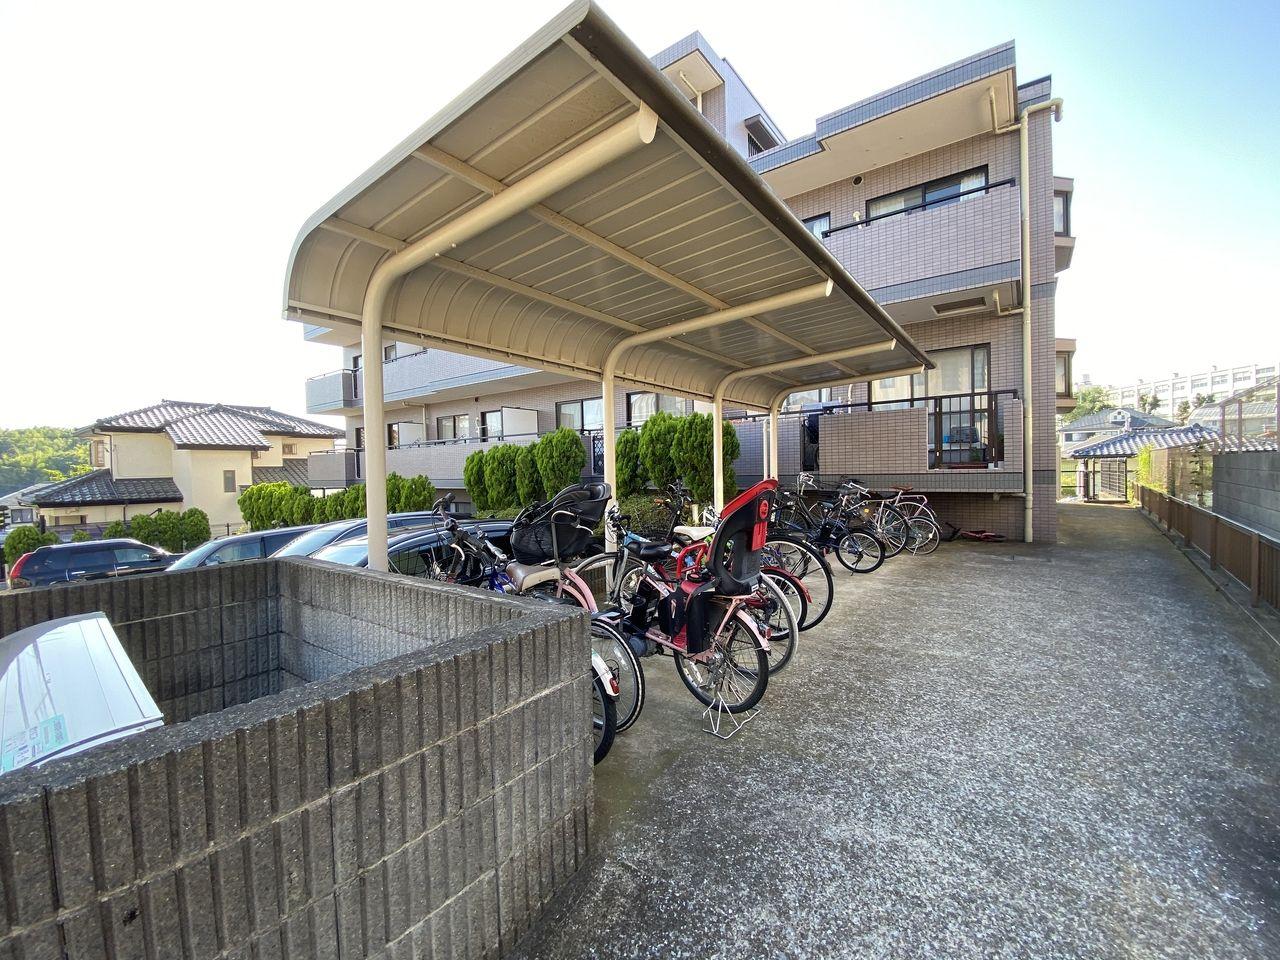 横浜市青葉区美しが丘4-22-5・「アドバンスヴィラ」・屋根付き駐輪場の様子